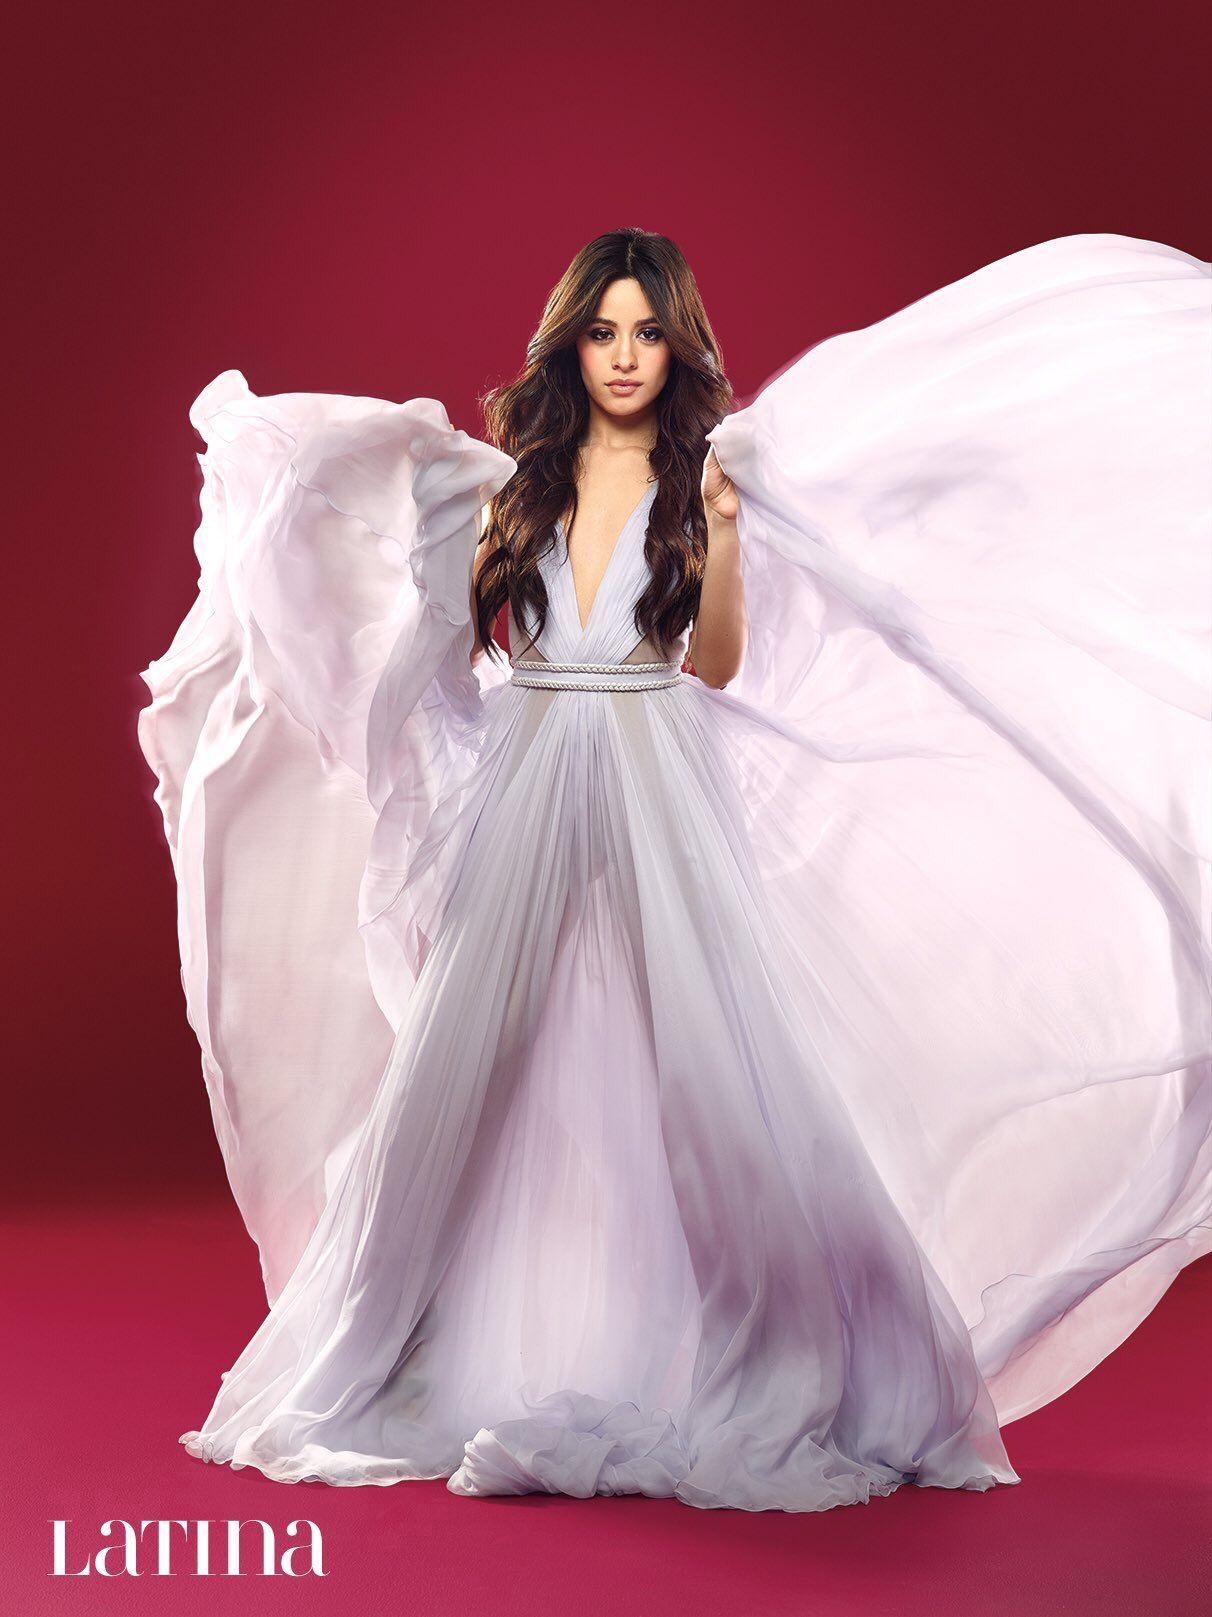 Pin by ᴢᴀʏɴ ᴄᴀʙᴇʟʟᴏ-ᴊᴀᴜʀᴇɢᴜɪ on ᏟᎪᎷᏆᏞᎪ ᏟᎪᏴᏞᏞᎾ | Camila ...